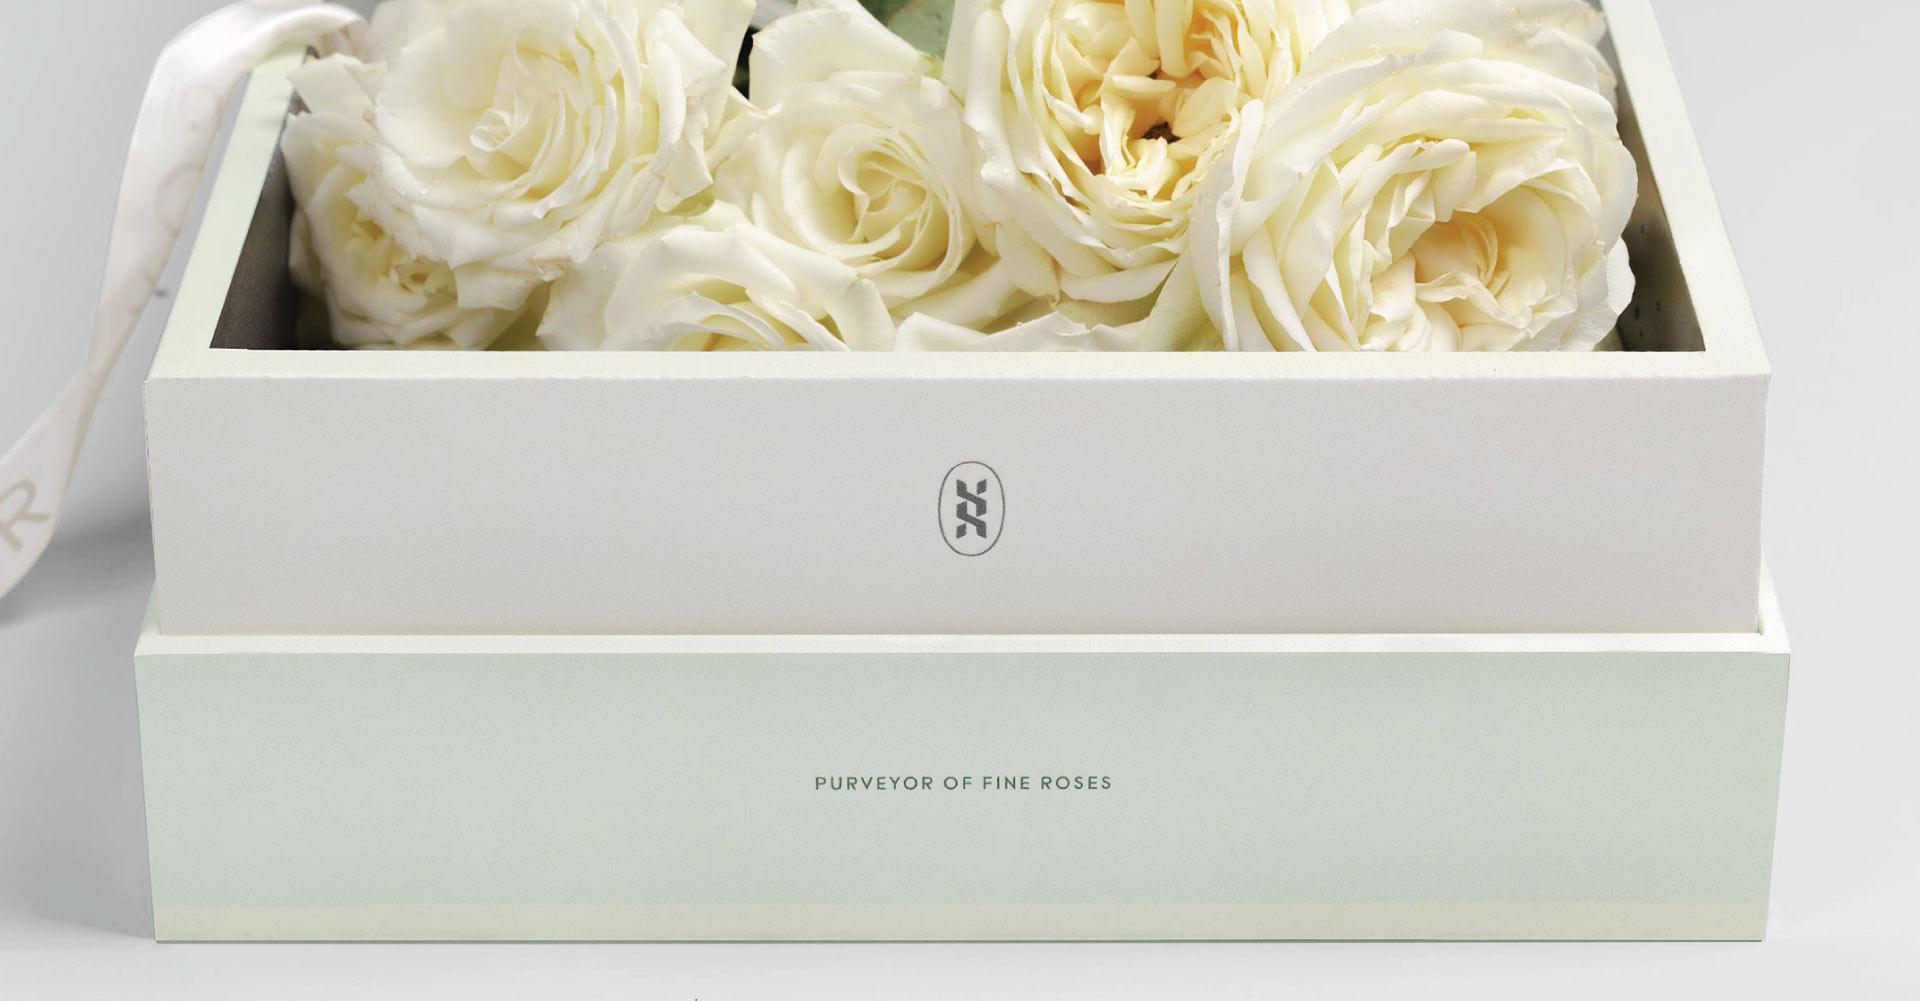 Creative_Retail_Packaging_Custom_Luxury_Packaging_Design_Roseur-10.jpg